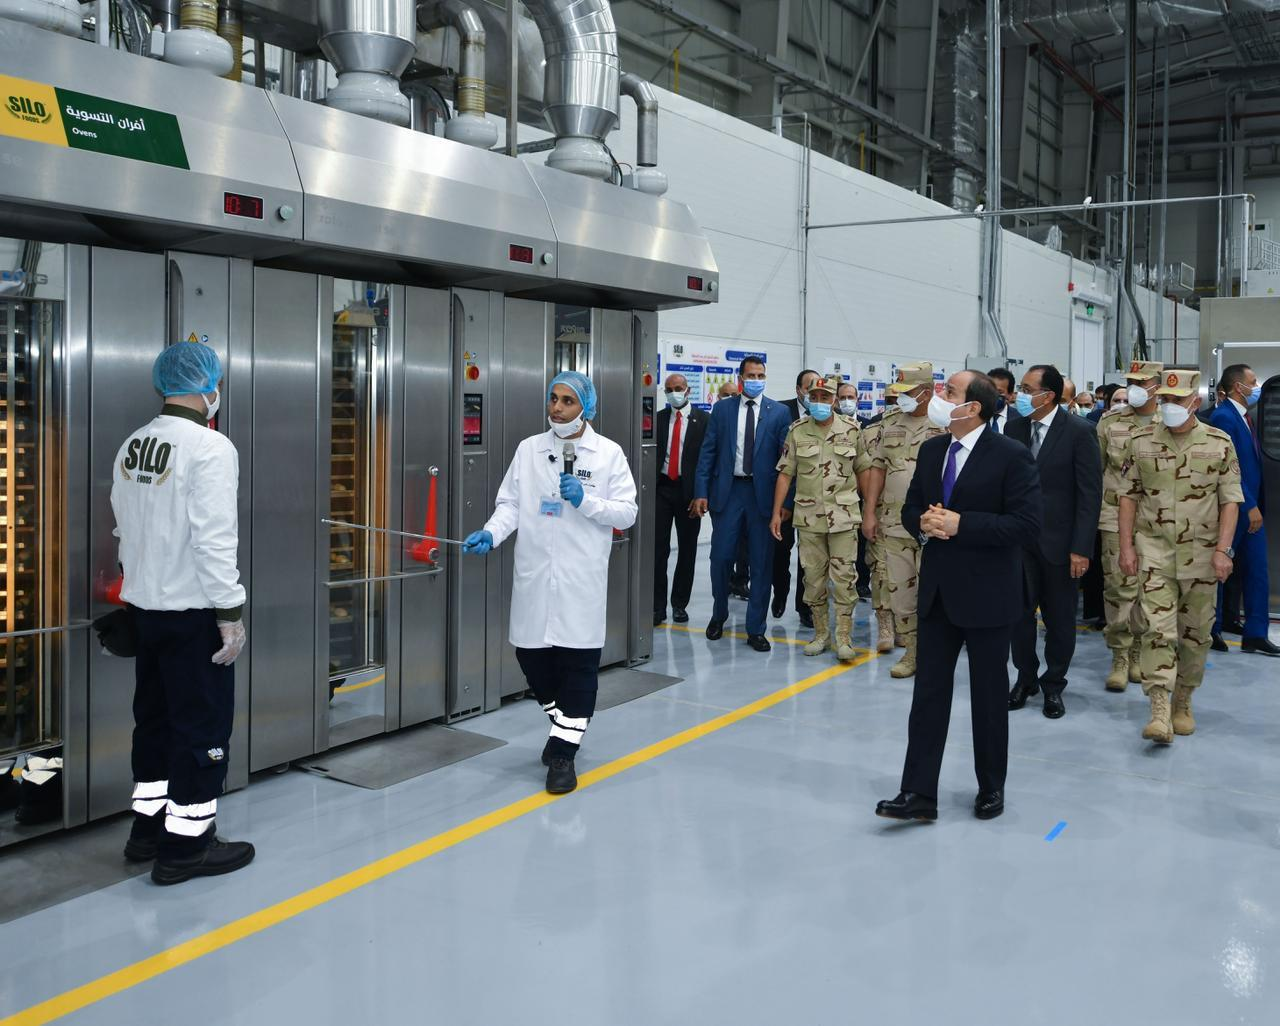 الرئيس السيسي يفتتح المدينة الصناعية الغذائية بالسادات